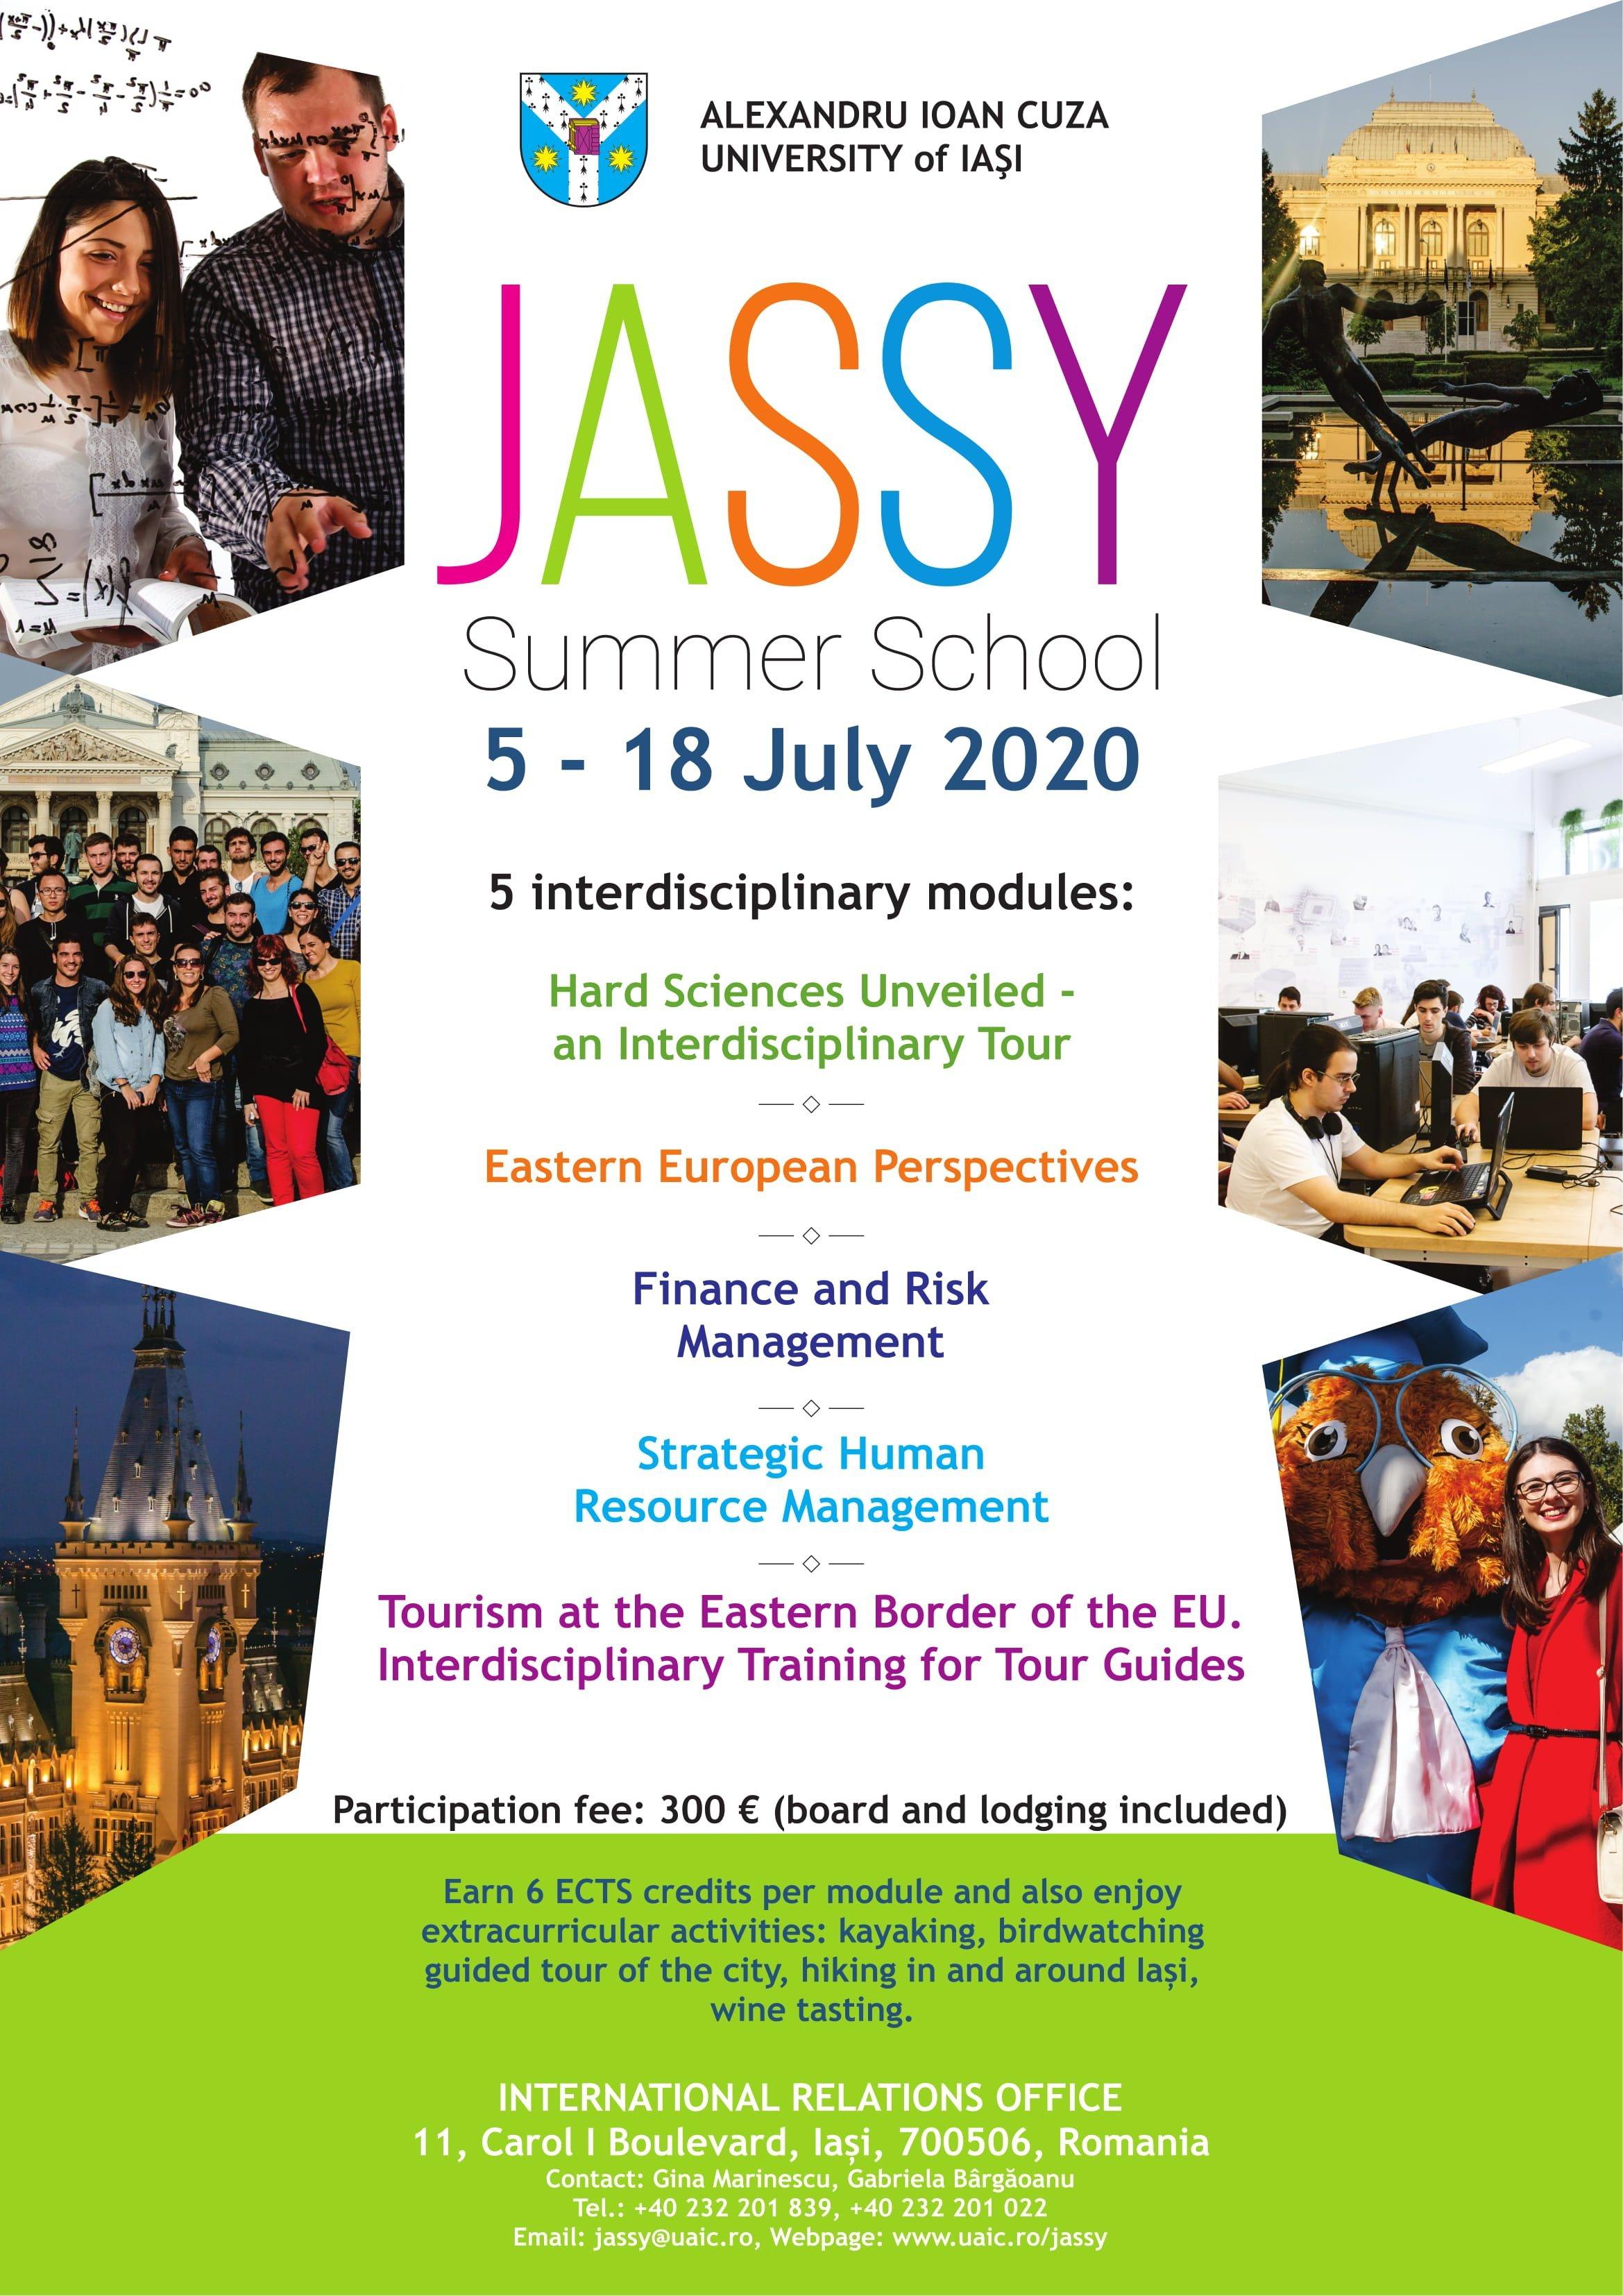 JASSY Summer School 2020